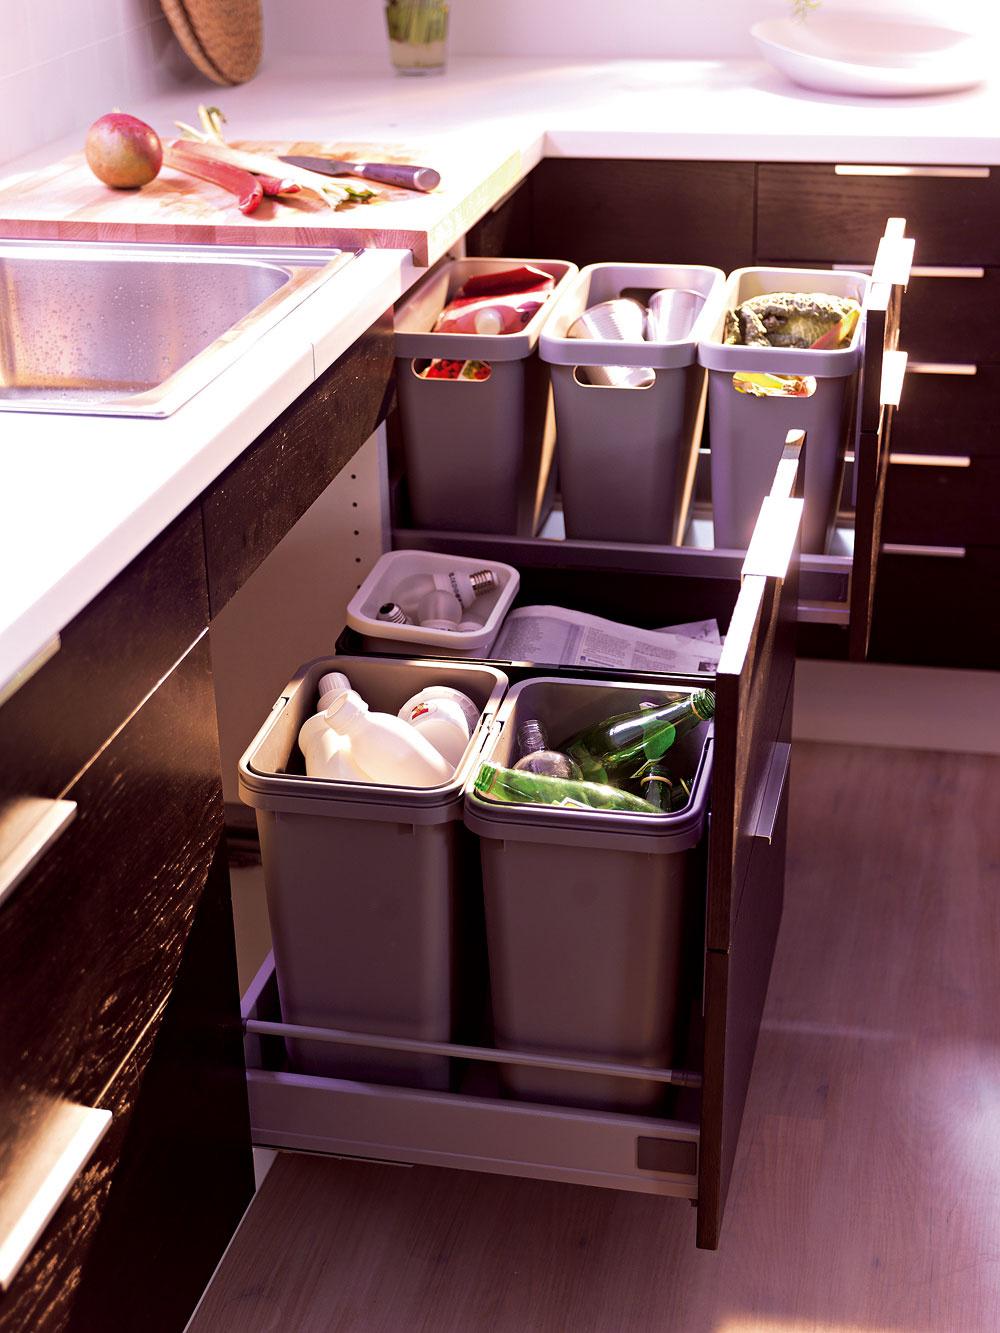 Papierovým škatuliam na separovanie papiera na zemi vrohu kuchynskej linky už odzvonilo. Dnes sa ráta spriestorom na rôzne sortery na dva až štyri druhy odpadu. Ďalšie komodity čakajú na nápady svojich dizajnérov.